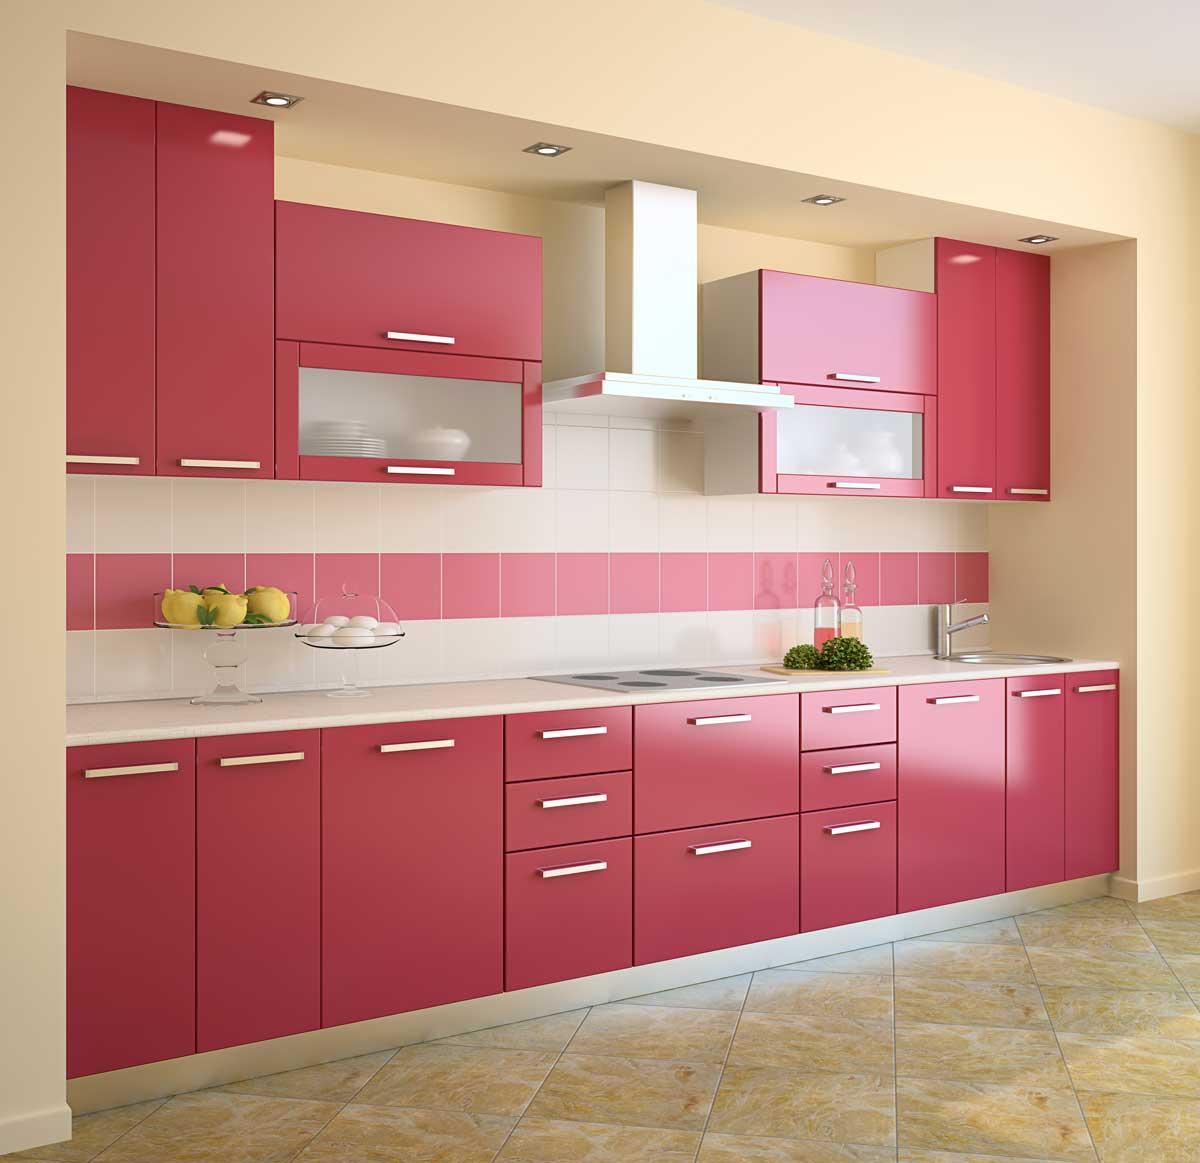 Pink Red Straight Modular Kitchen